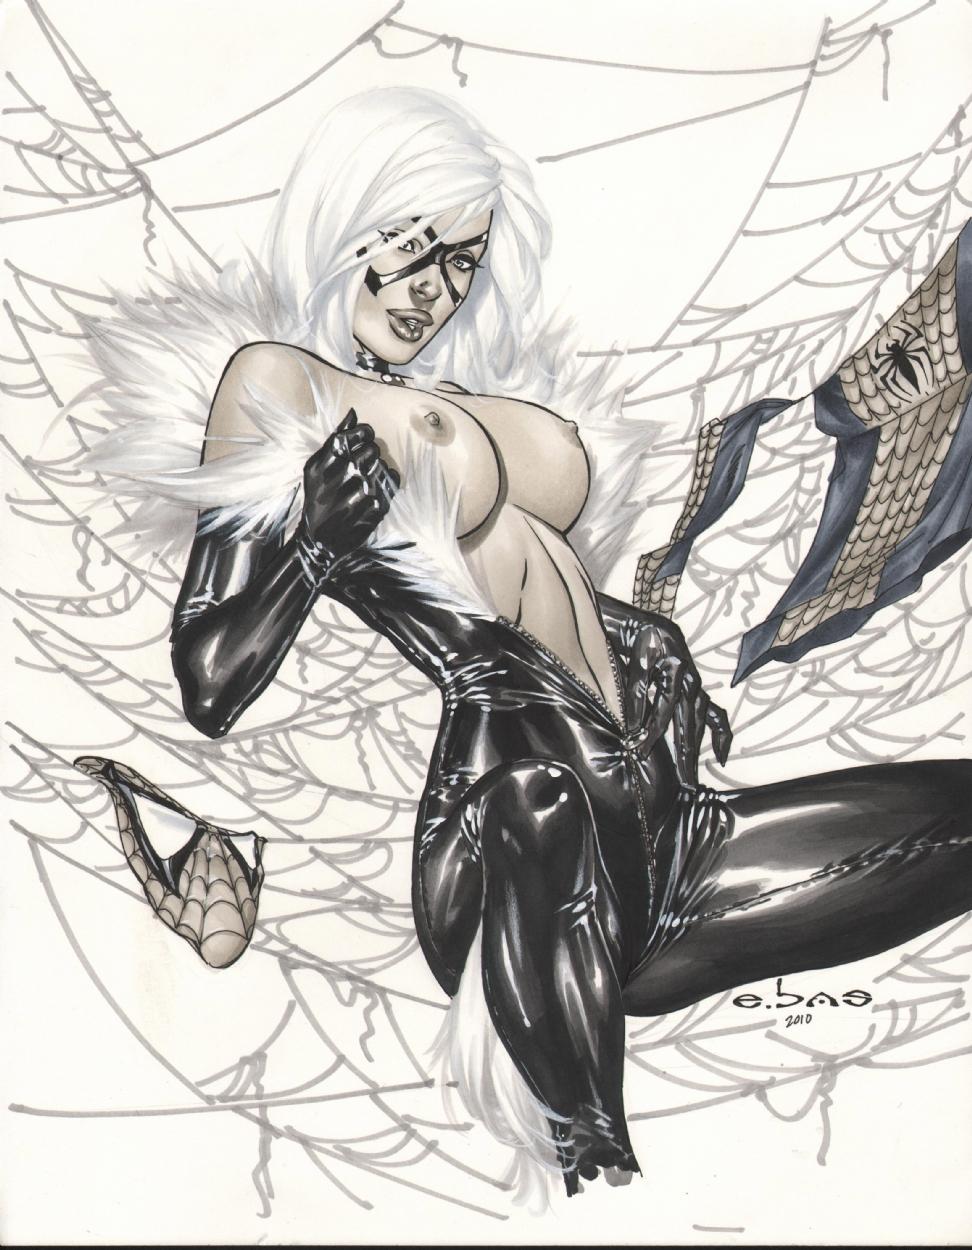 Человек паук и черная секс 23 фотография